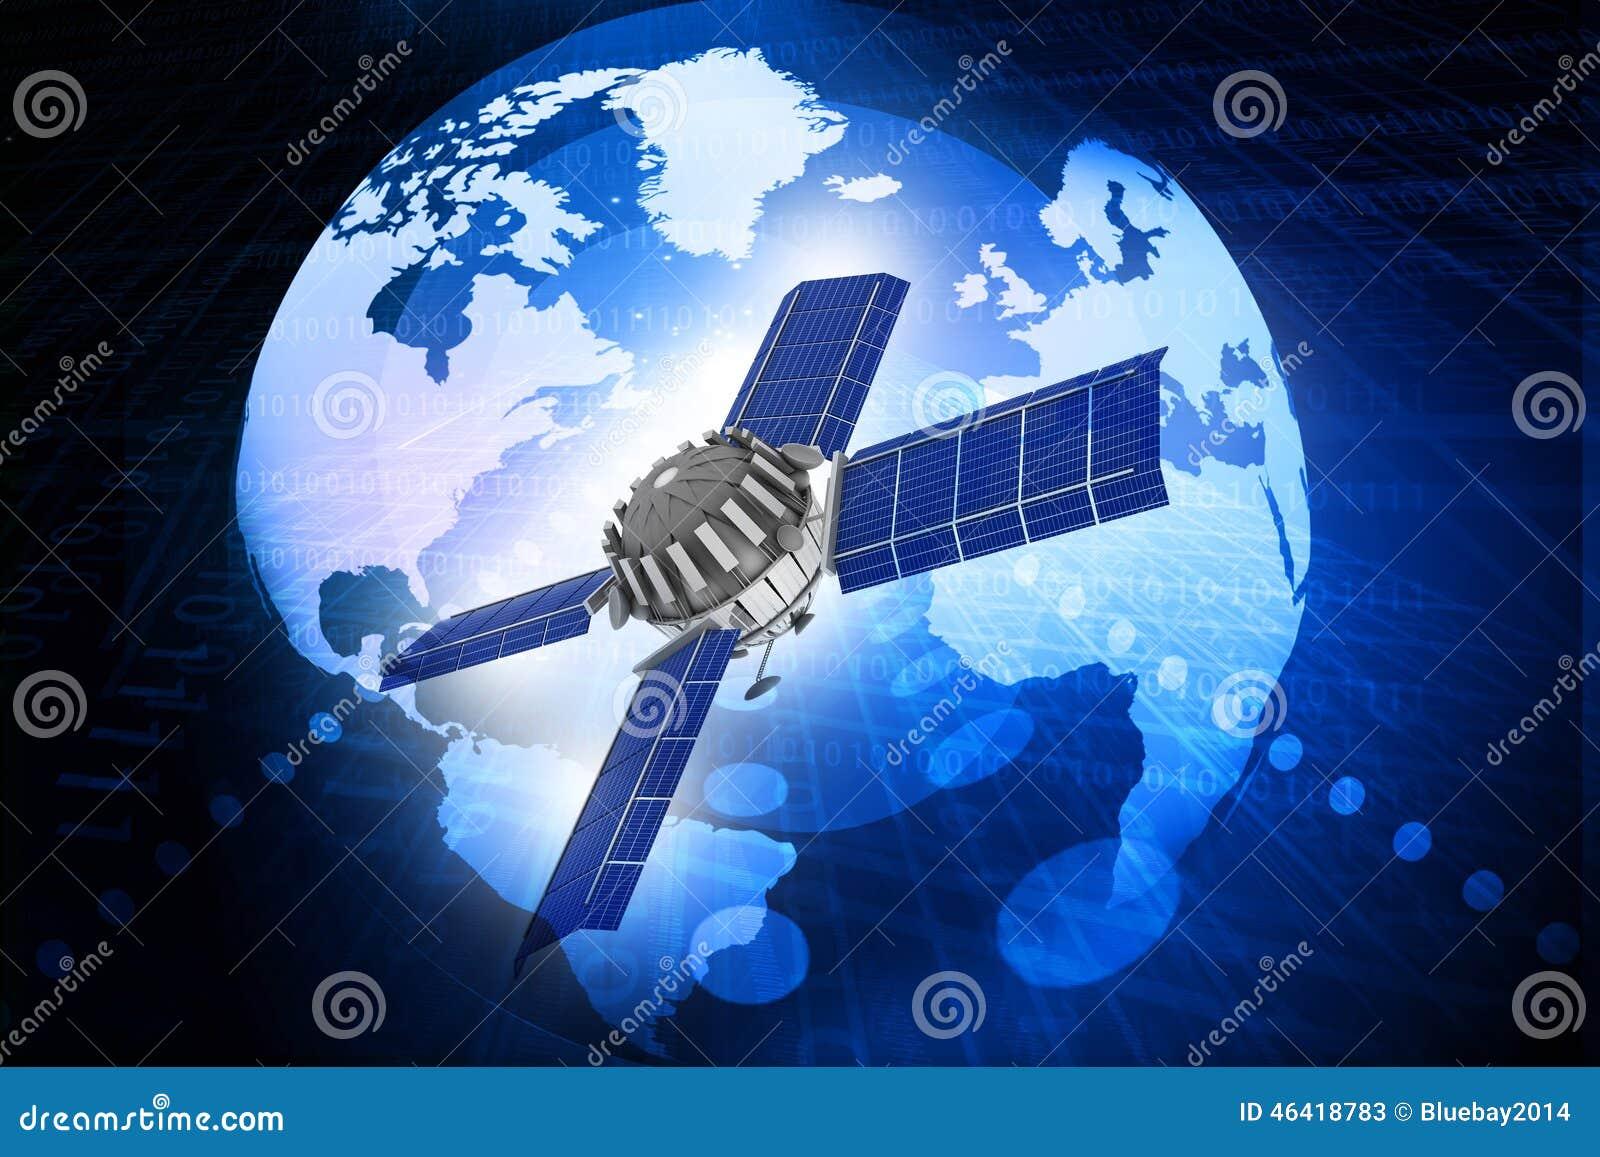 Raumschiff an der Umlaufbahn der Erde